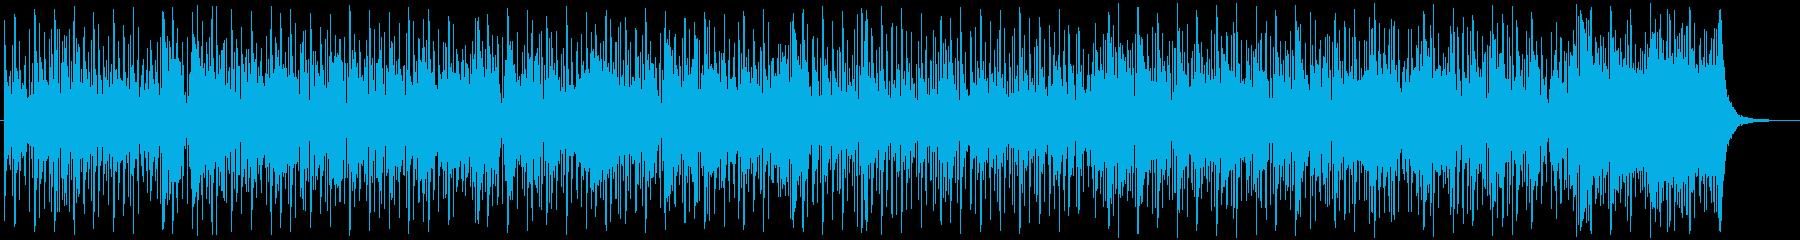 リズミカルでかわいらしいポップソングの再生済みの波形